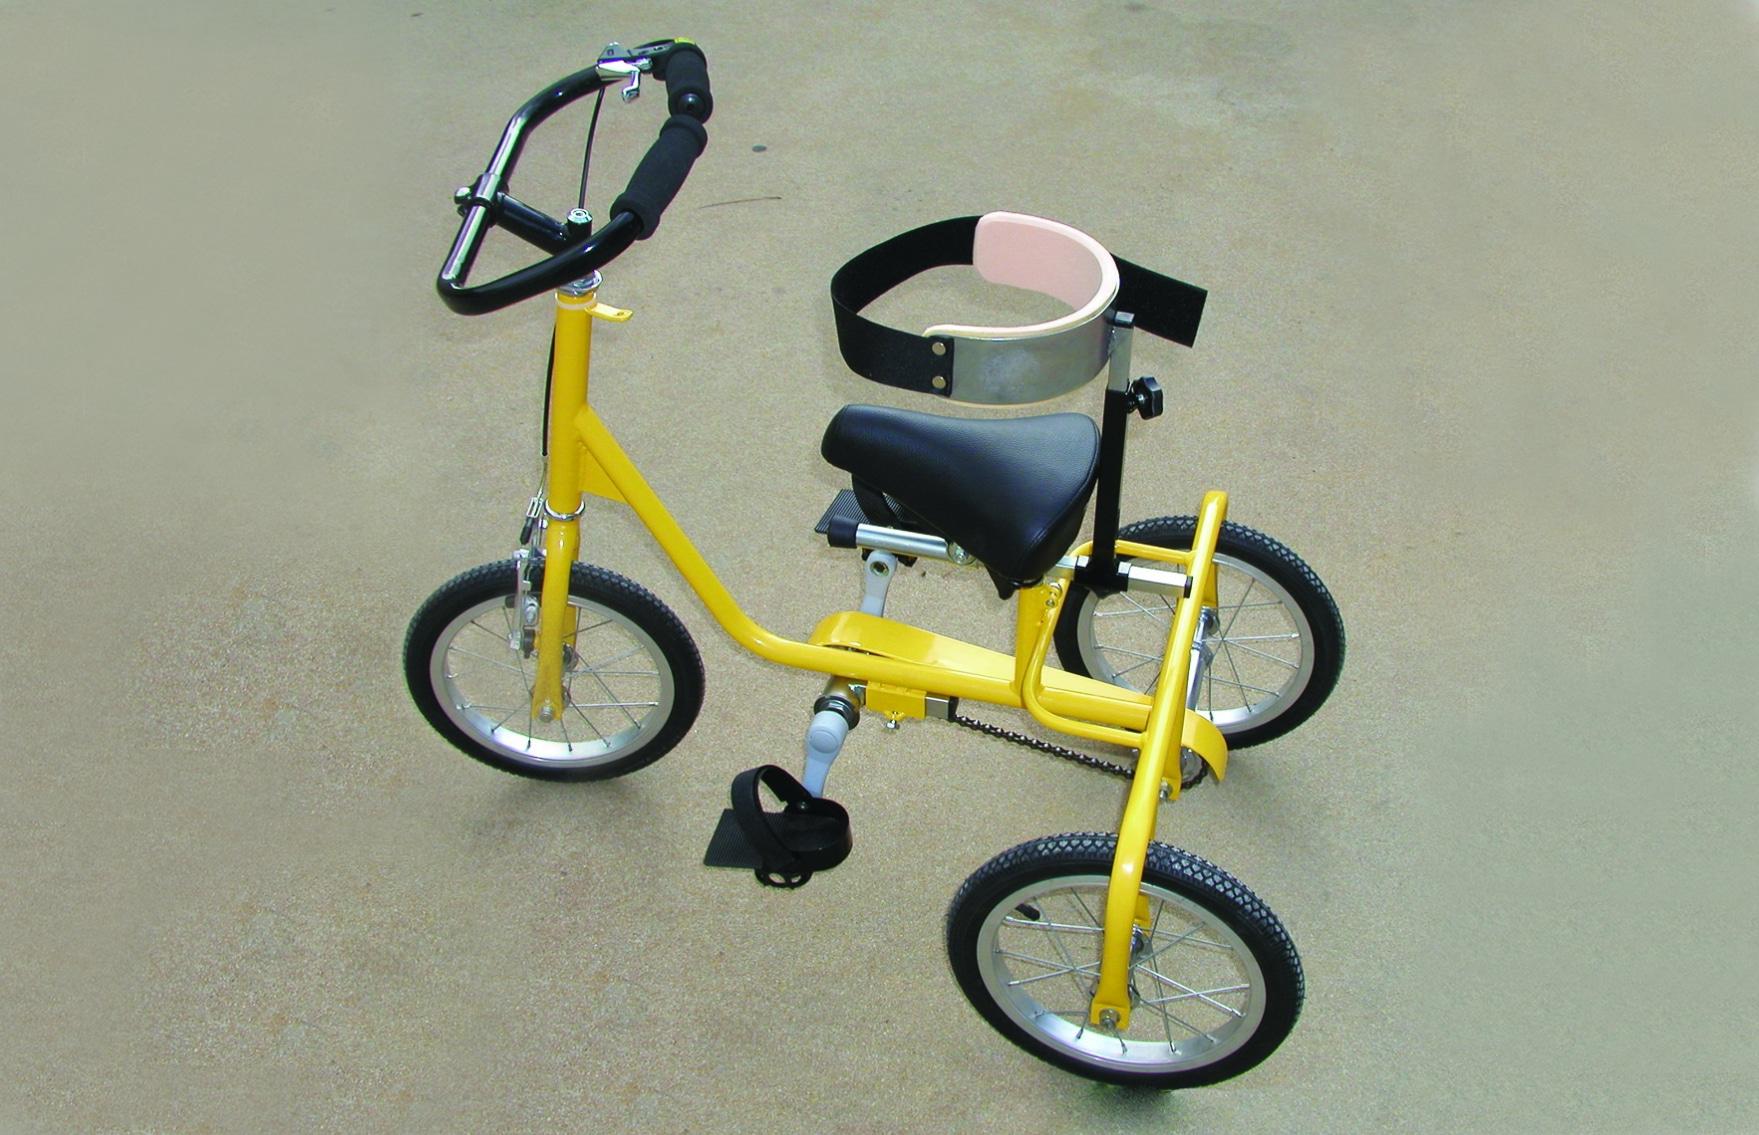 Triciclo amarelo com suporte de tronco, com vista lateral